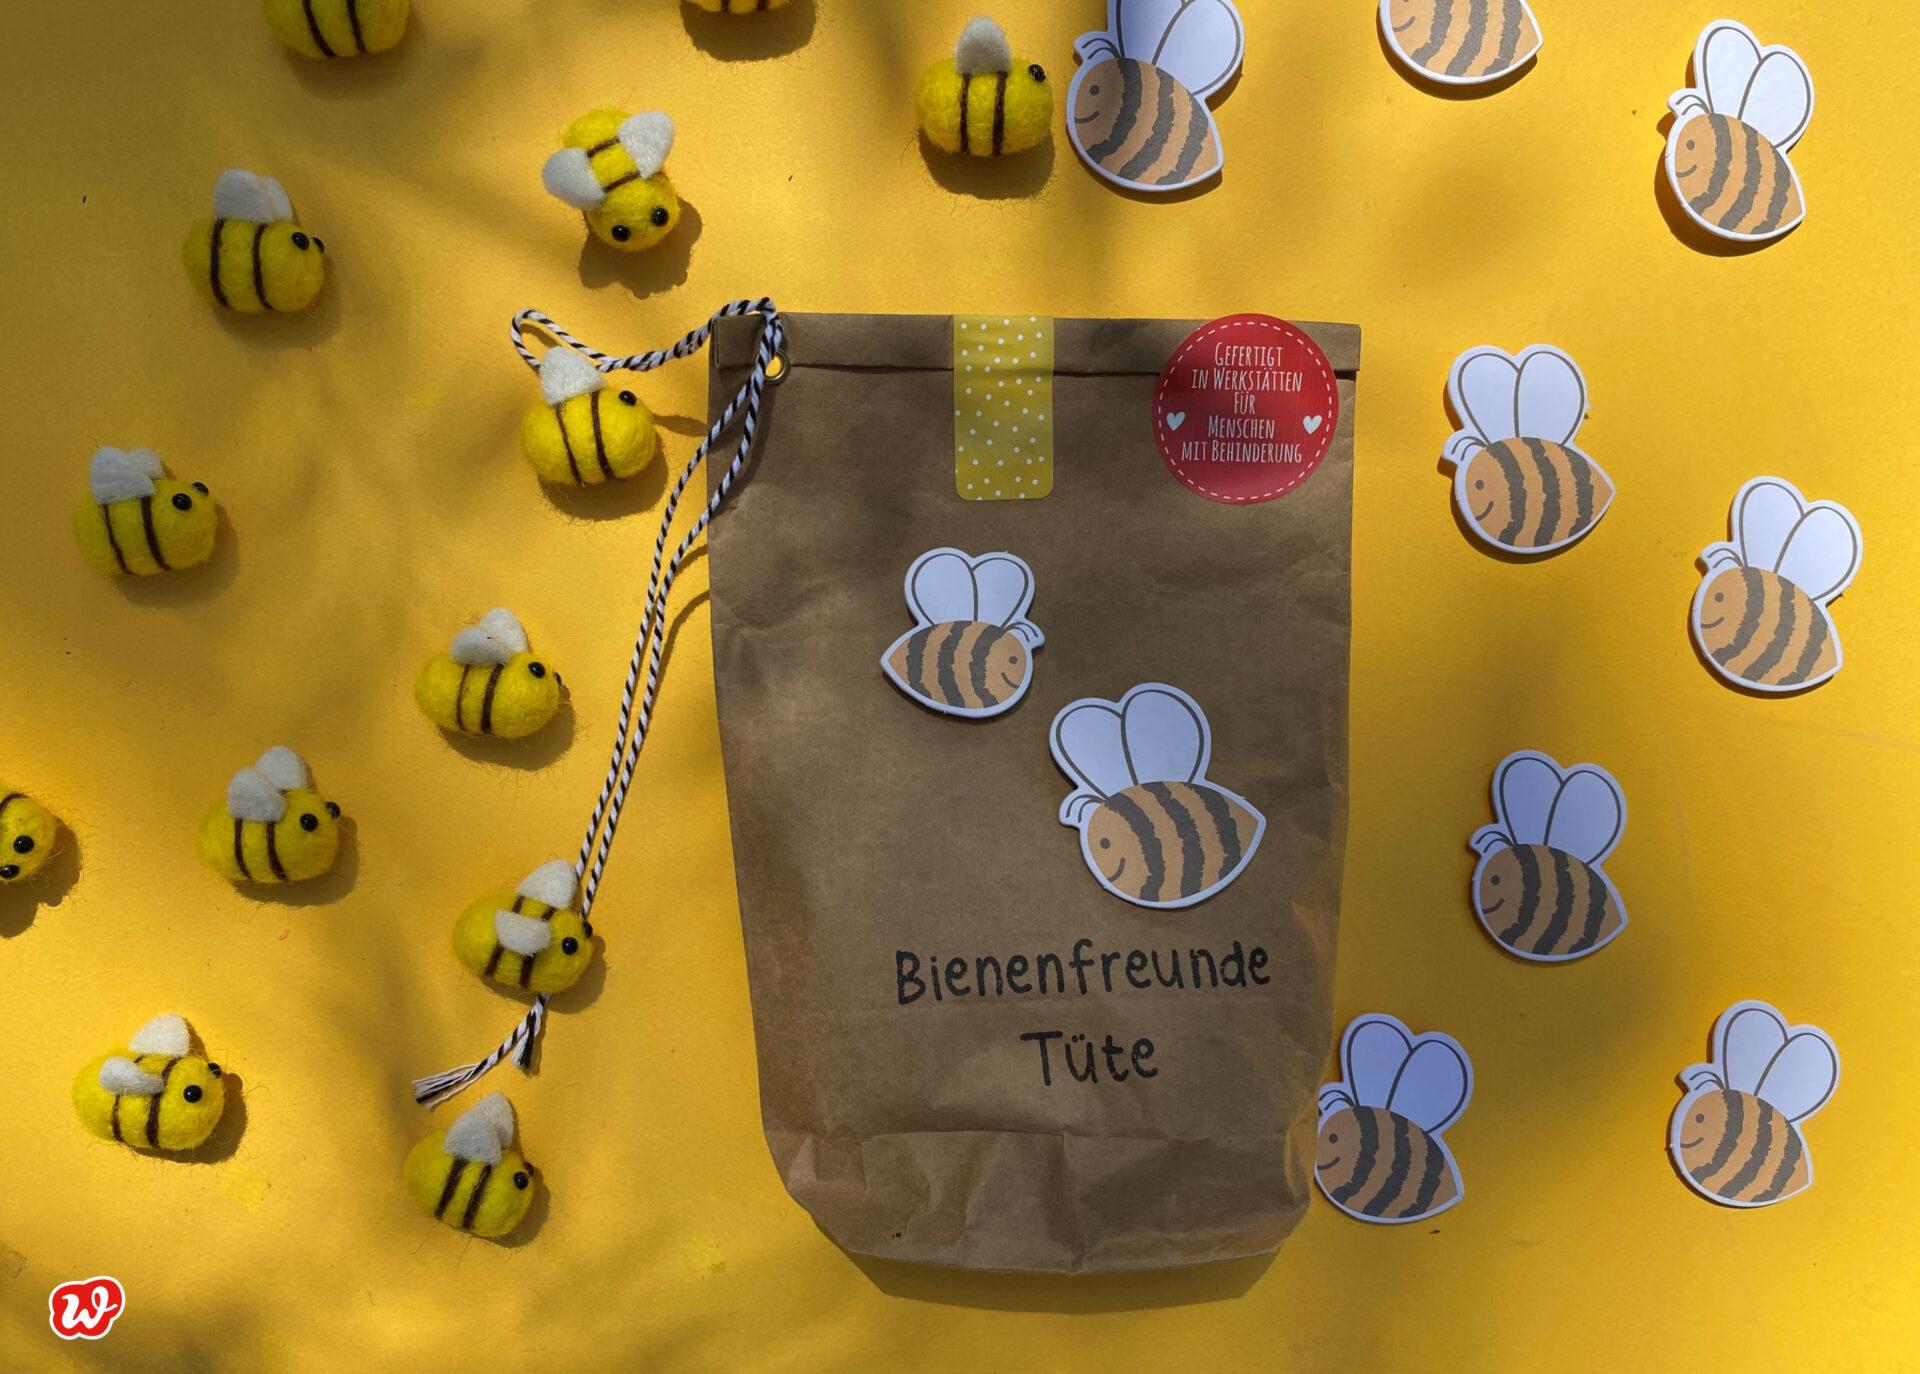 Wundertüte Bienenfreunde